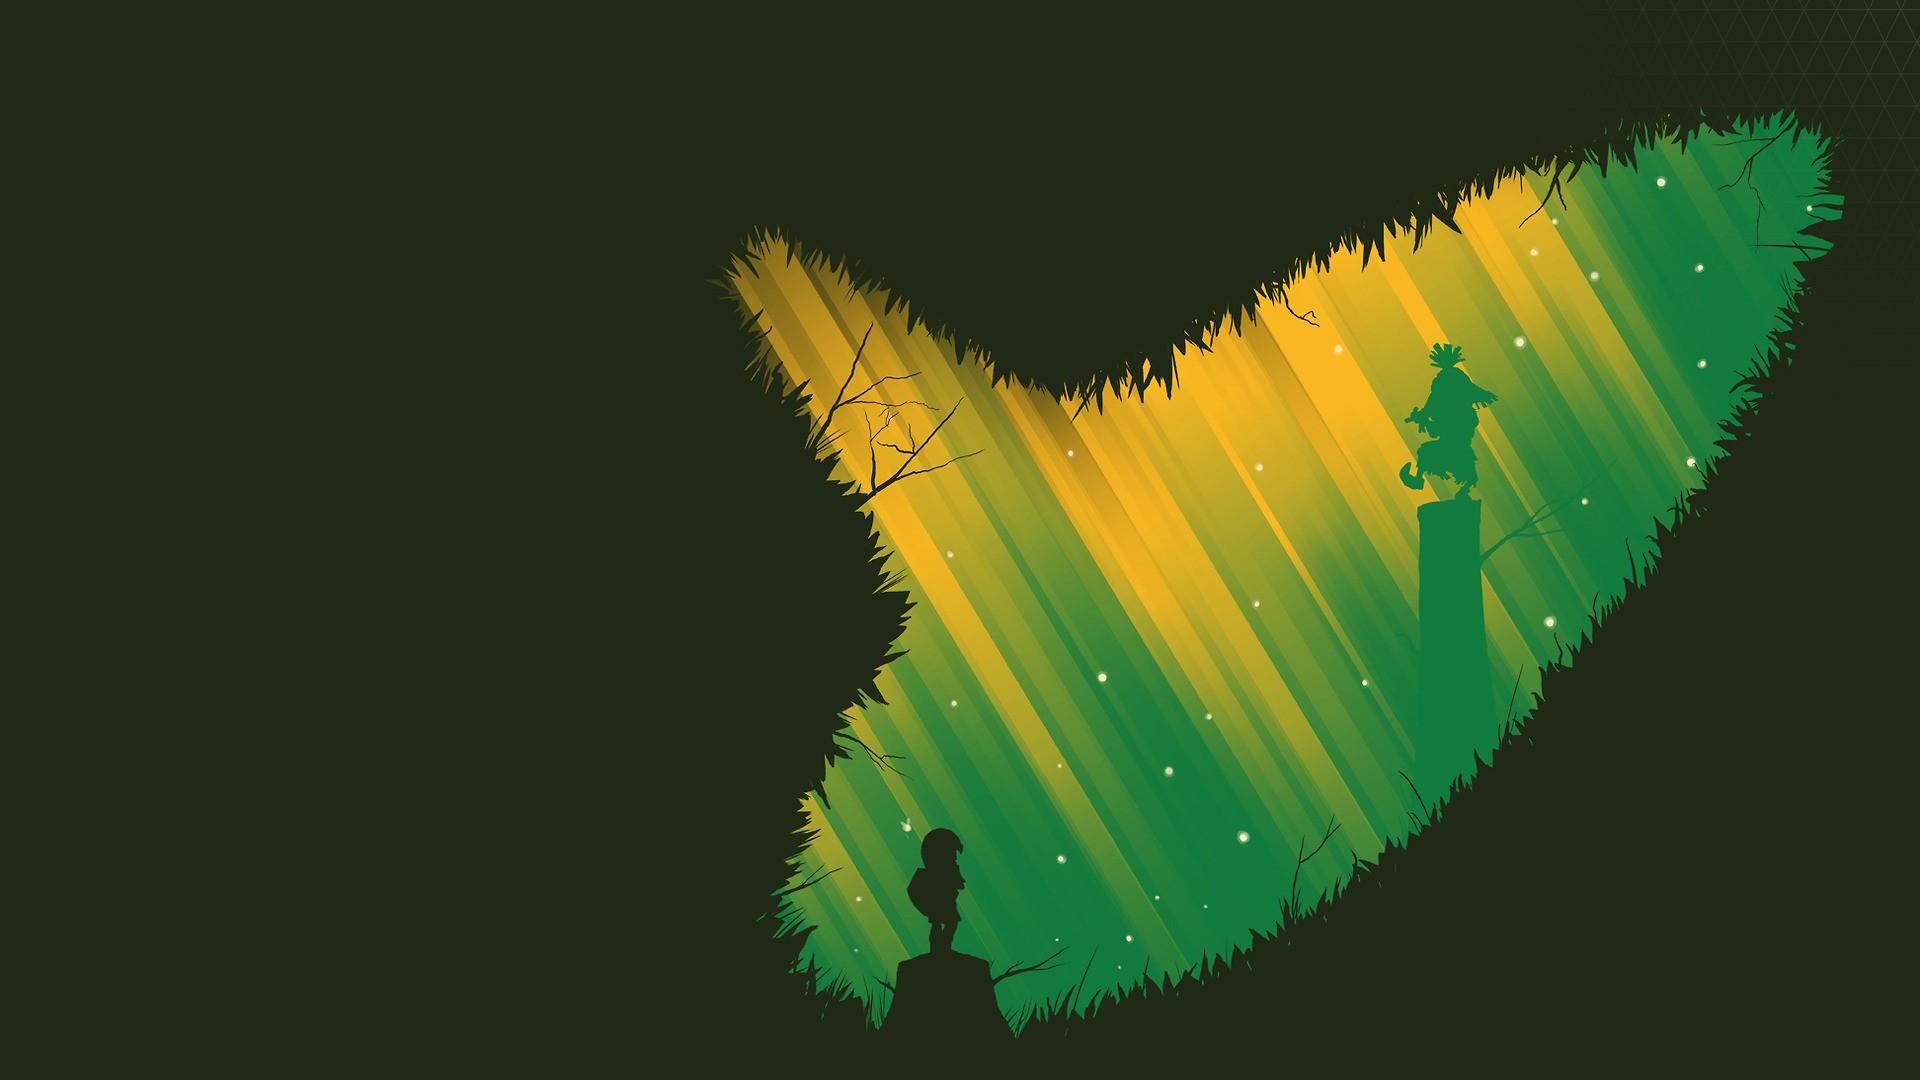 Download Legend Of Zelda Wallpaper Hd Backgrounds Download